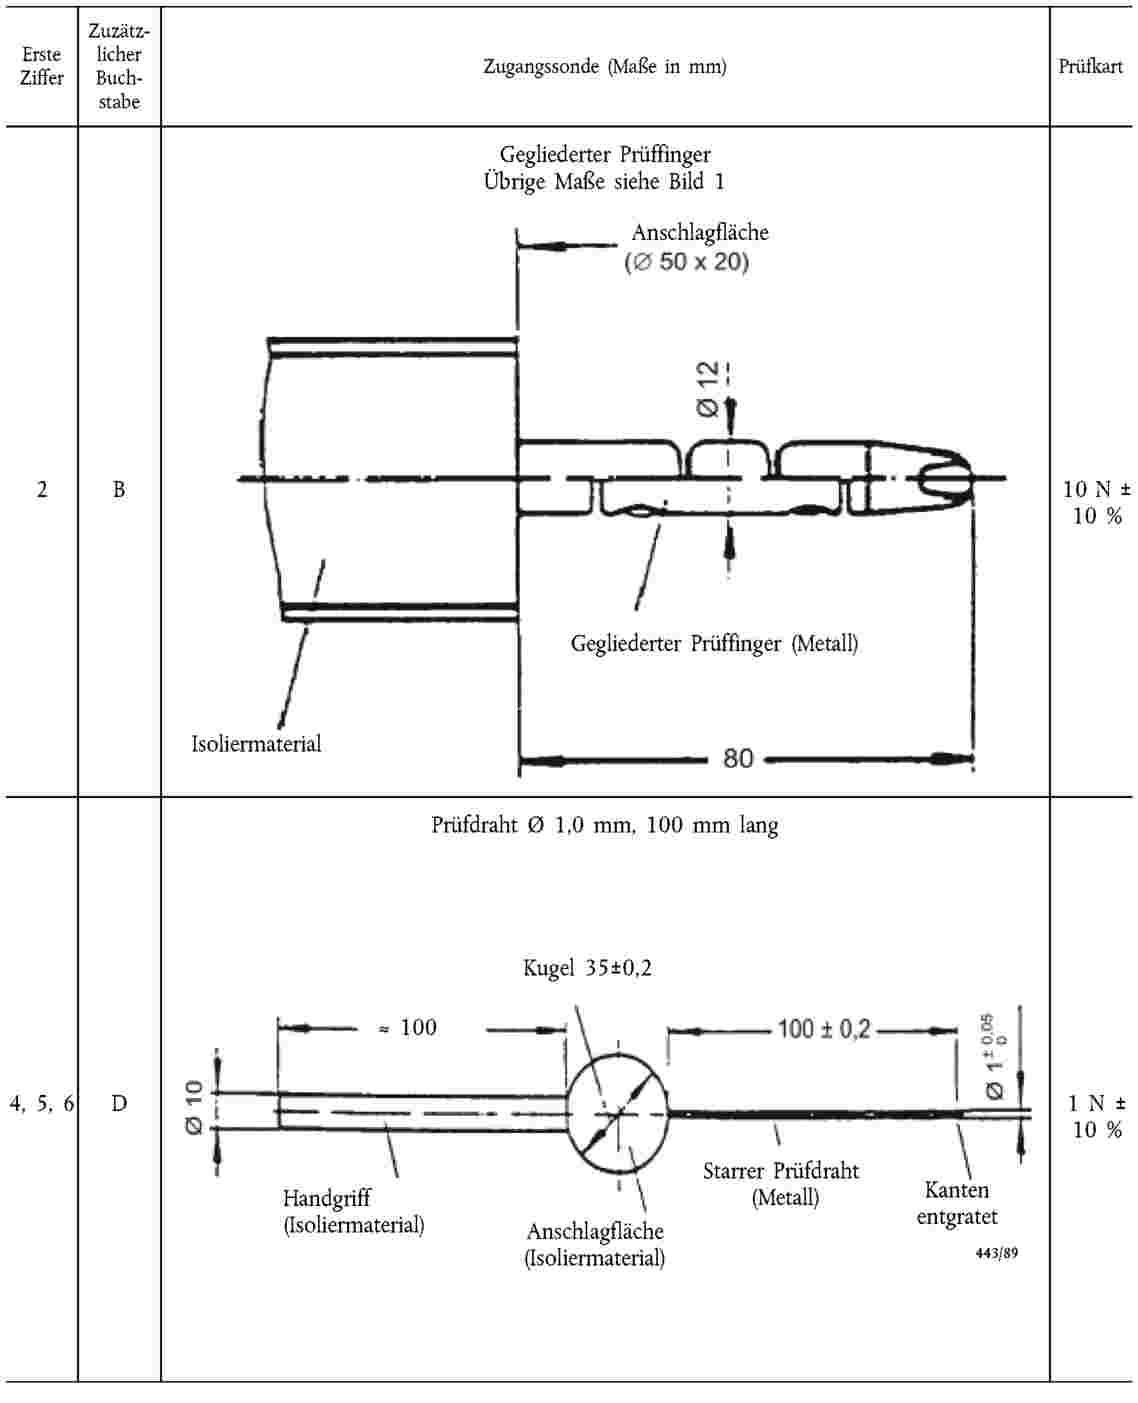 EUR-Lex - 42011X0302(01) - EN - EUR-Lex